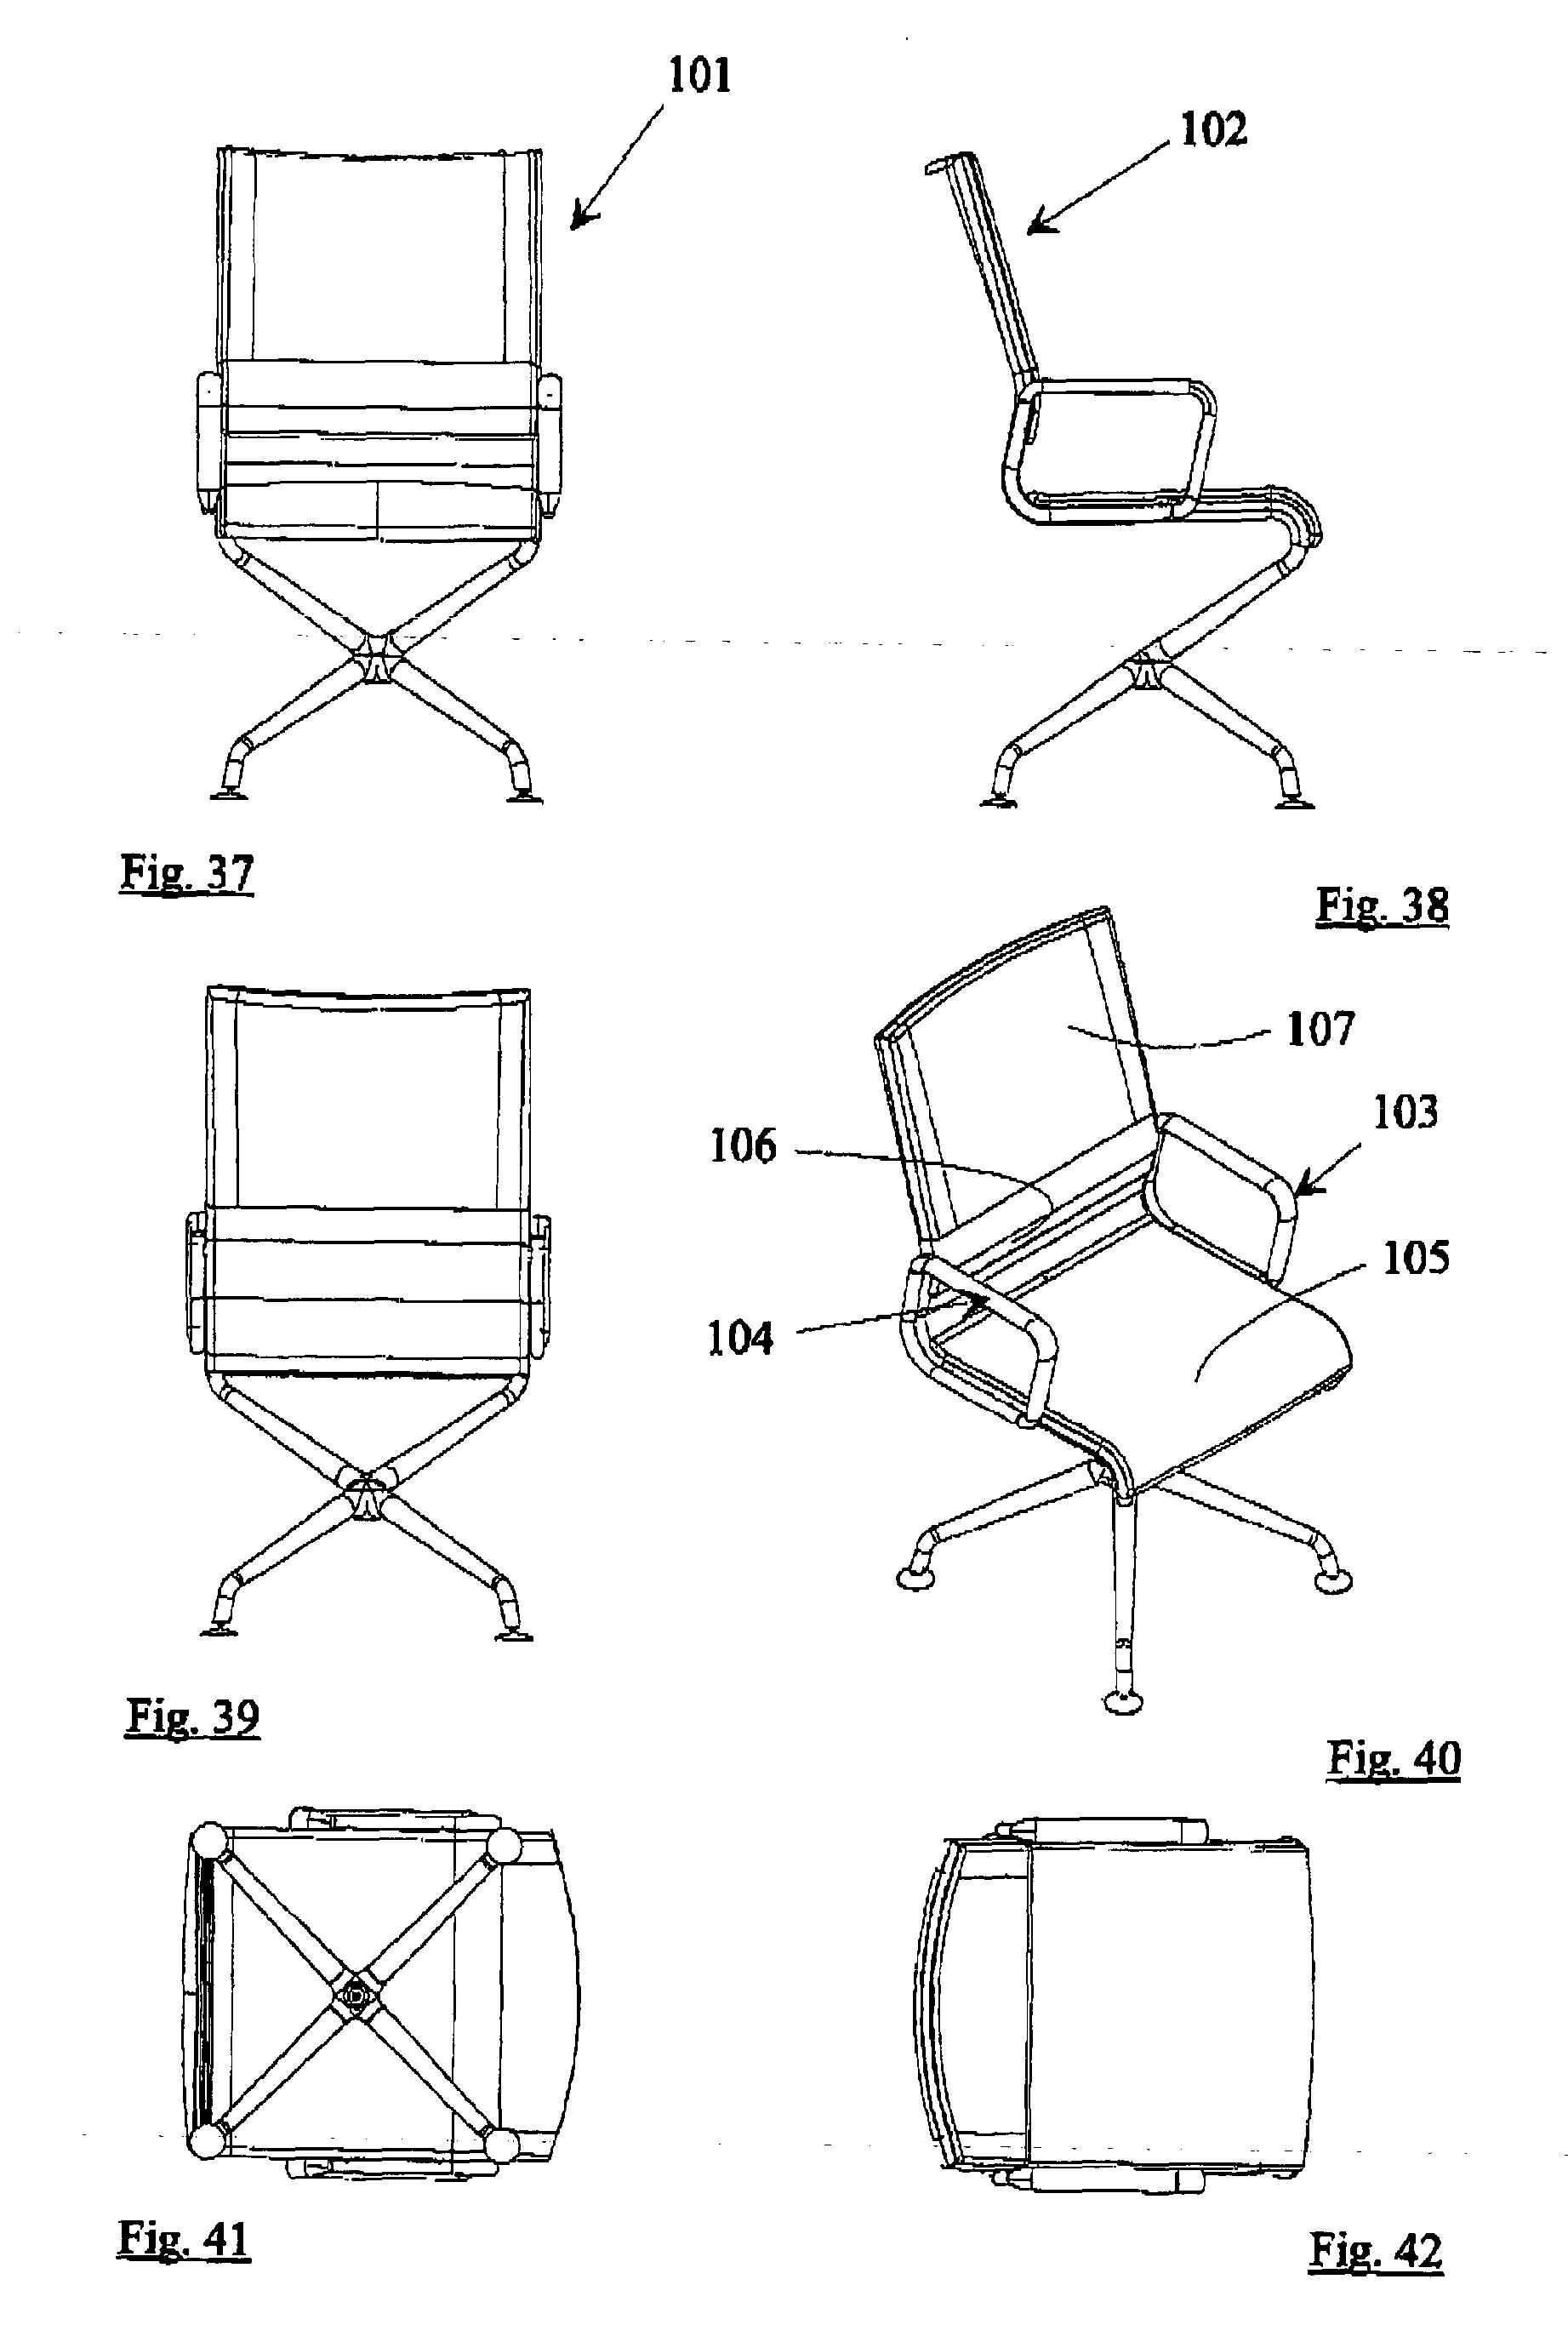 Bürostuhl skizze  Patent EP1880639A1 - Sitzmöbel, insbesondere Stuhl - Google Patents